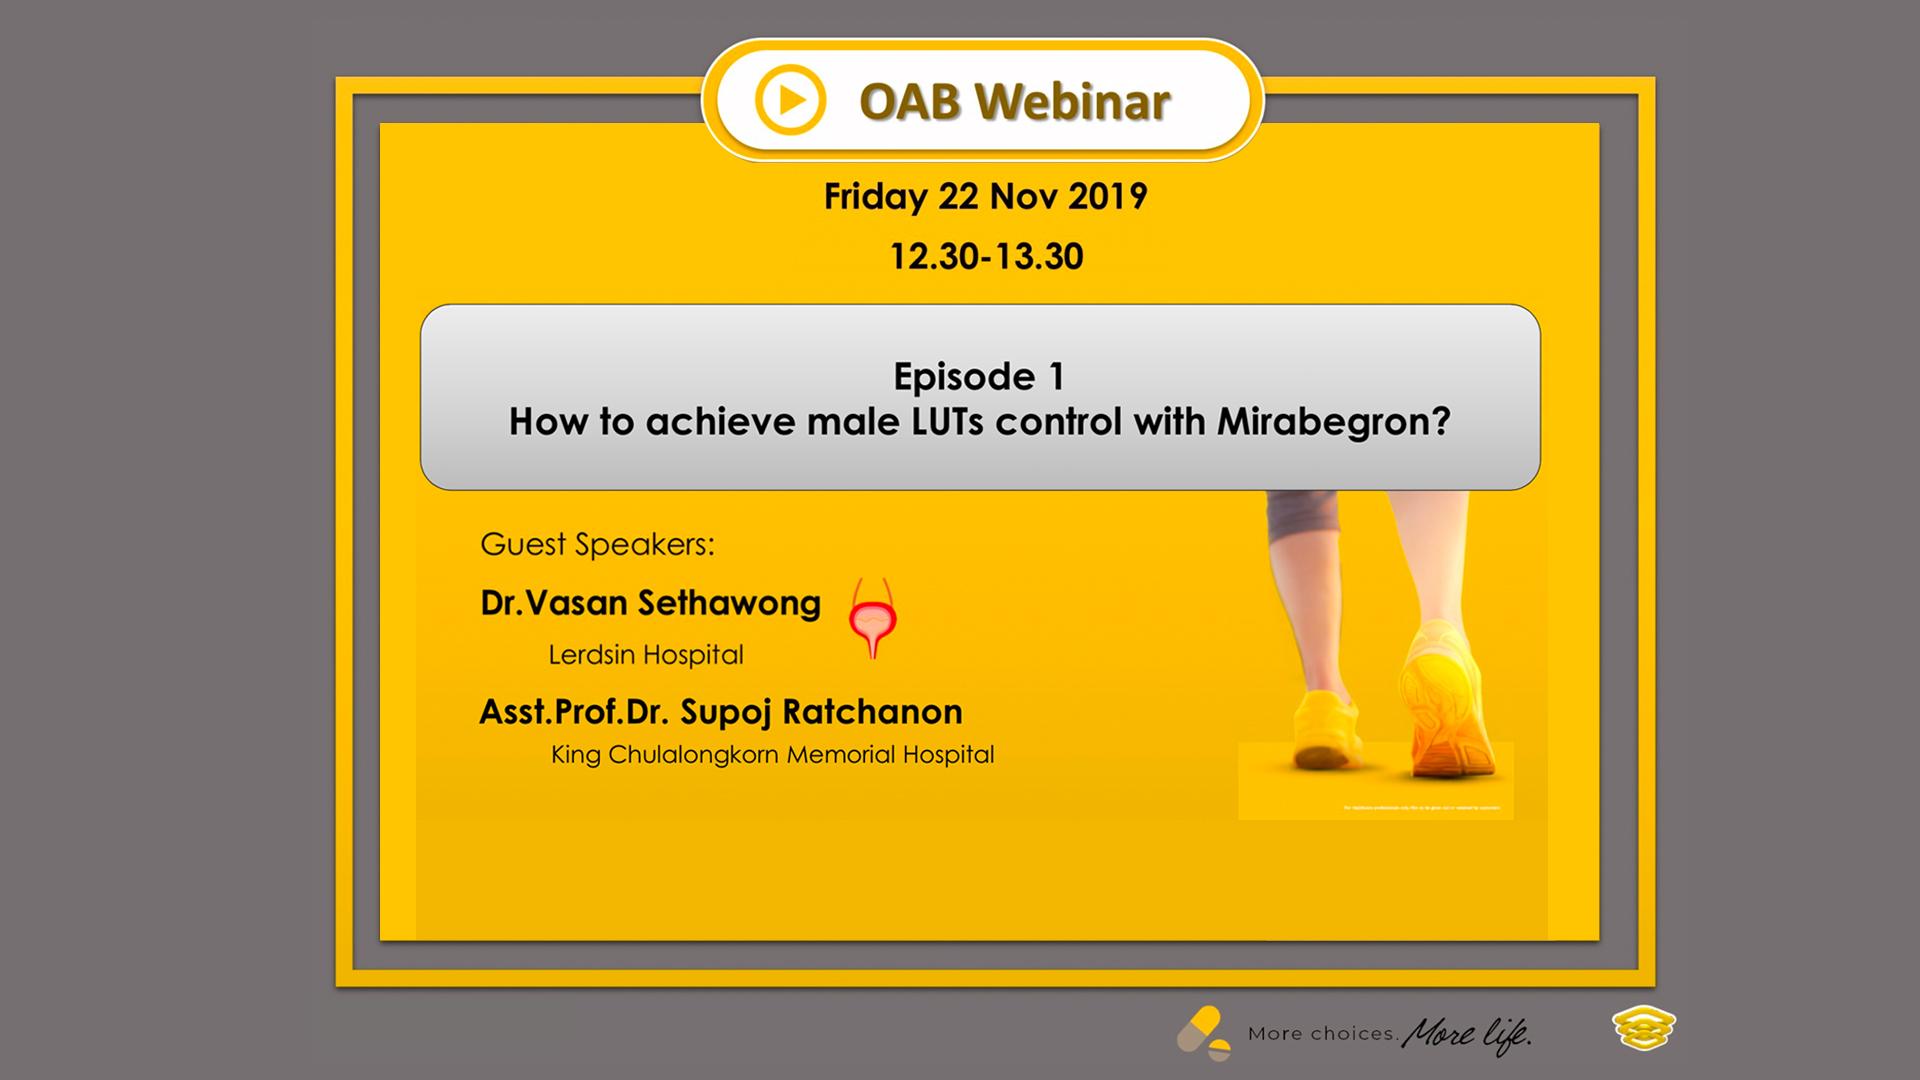 ชมย้อนหลัง OAB Webinar | How to achieve male LUTs control with Mirabegron